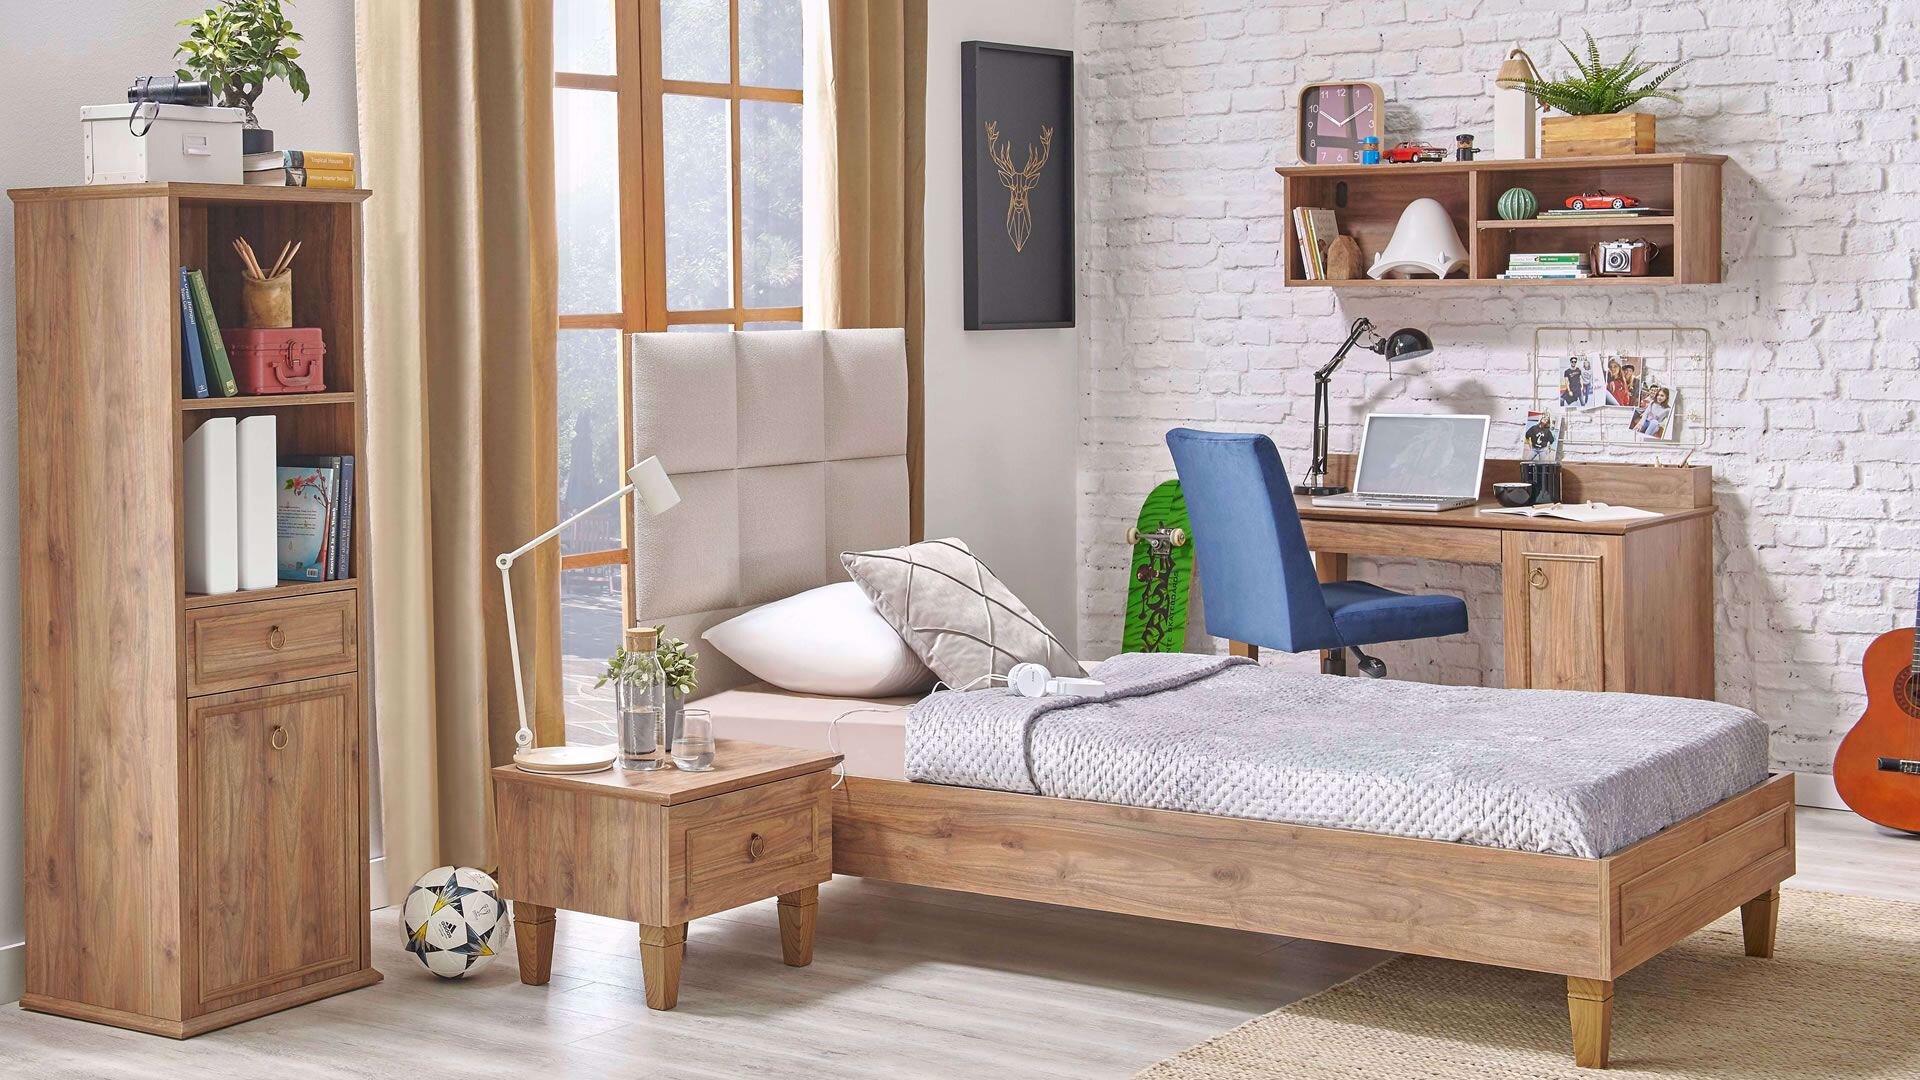 Cara Bedstead 10*200 cm (Headboard Included)